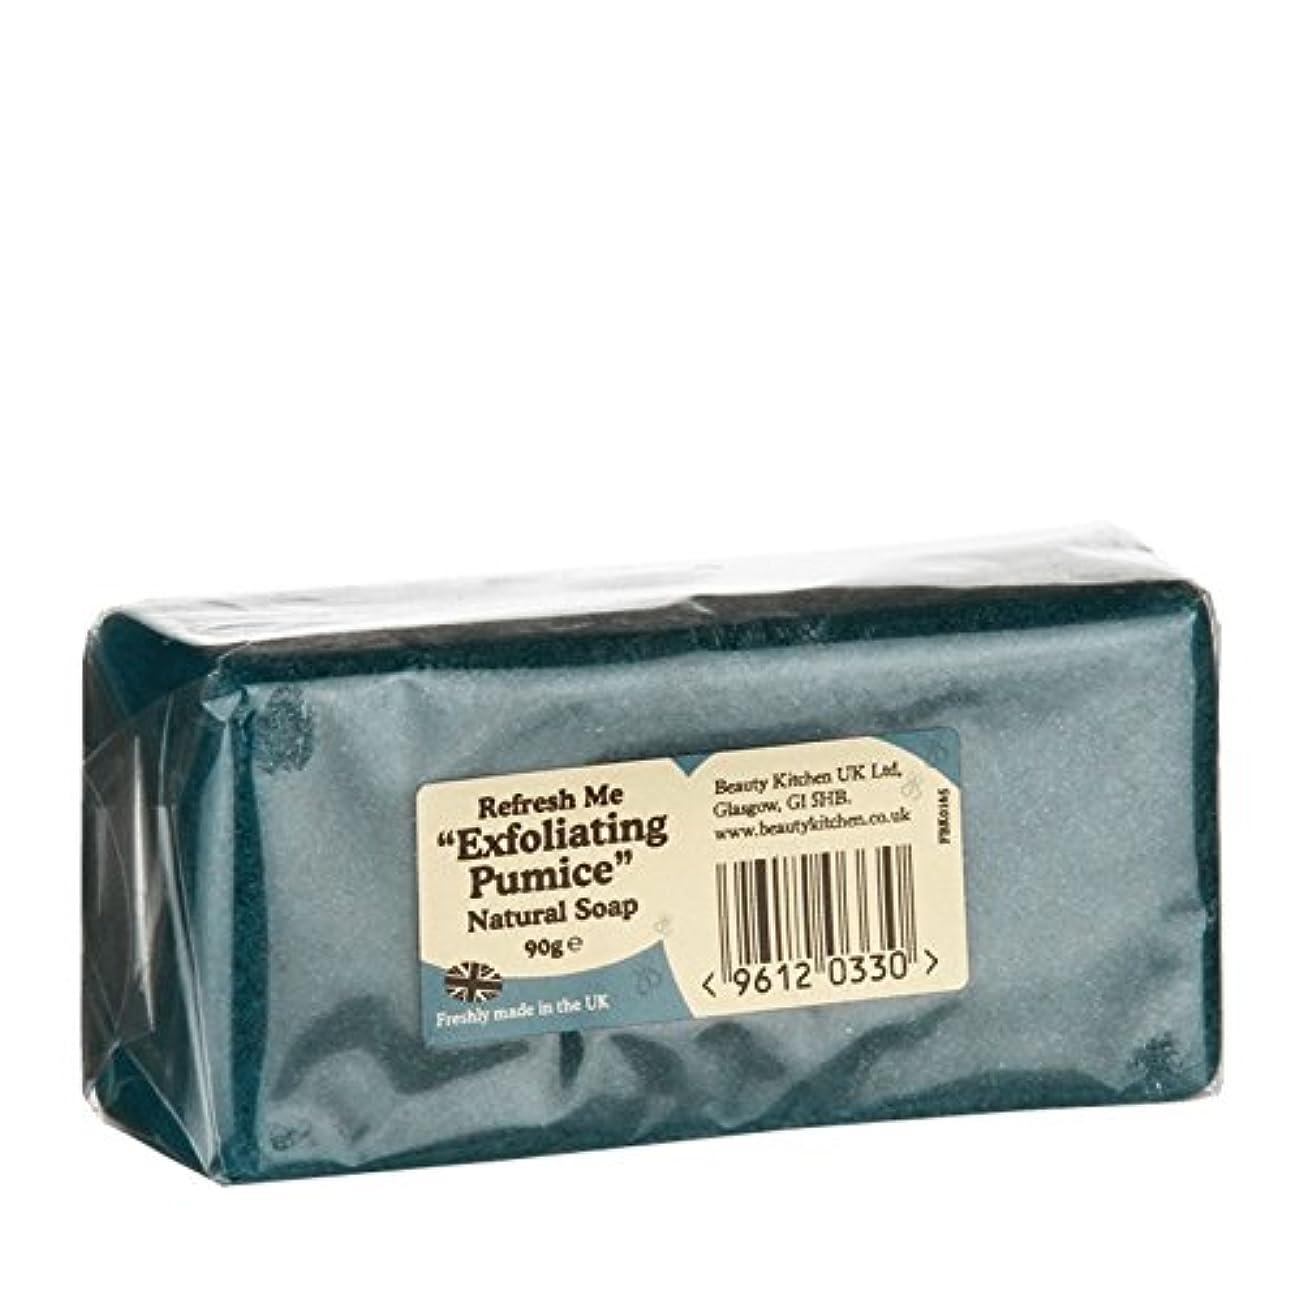 拮抗するオズワルド砂利美しさのキッチンは、軽石の天然石鹸90グラムを剥離私をリフレッシュ - Beauty Kitchen Refresh Me Exfoliating Pumice Natural Soap 90g (Beauty Kitchen...